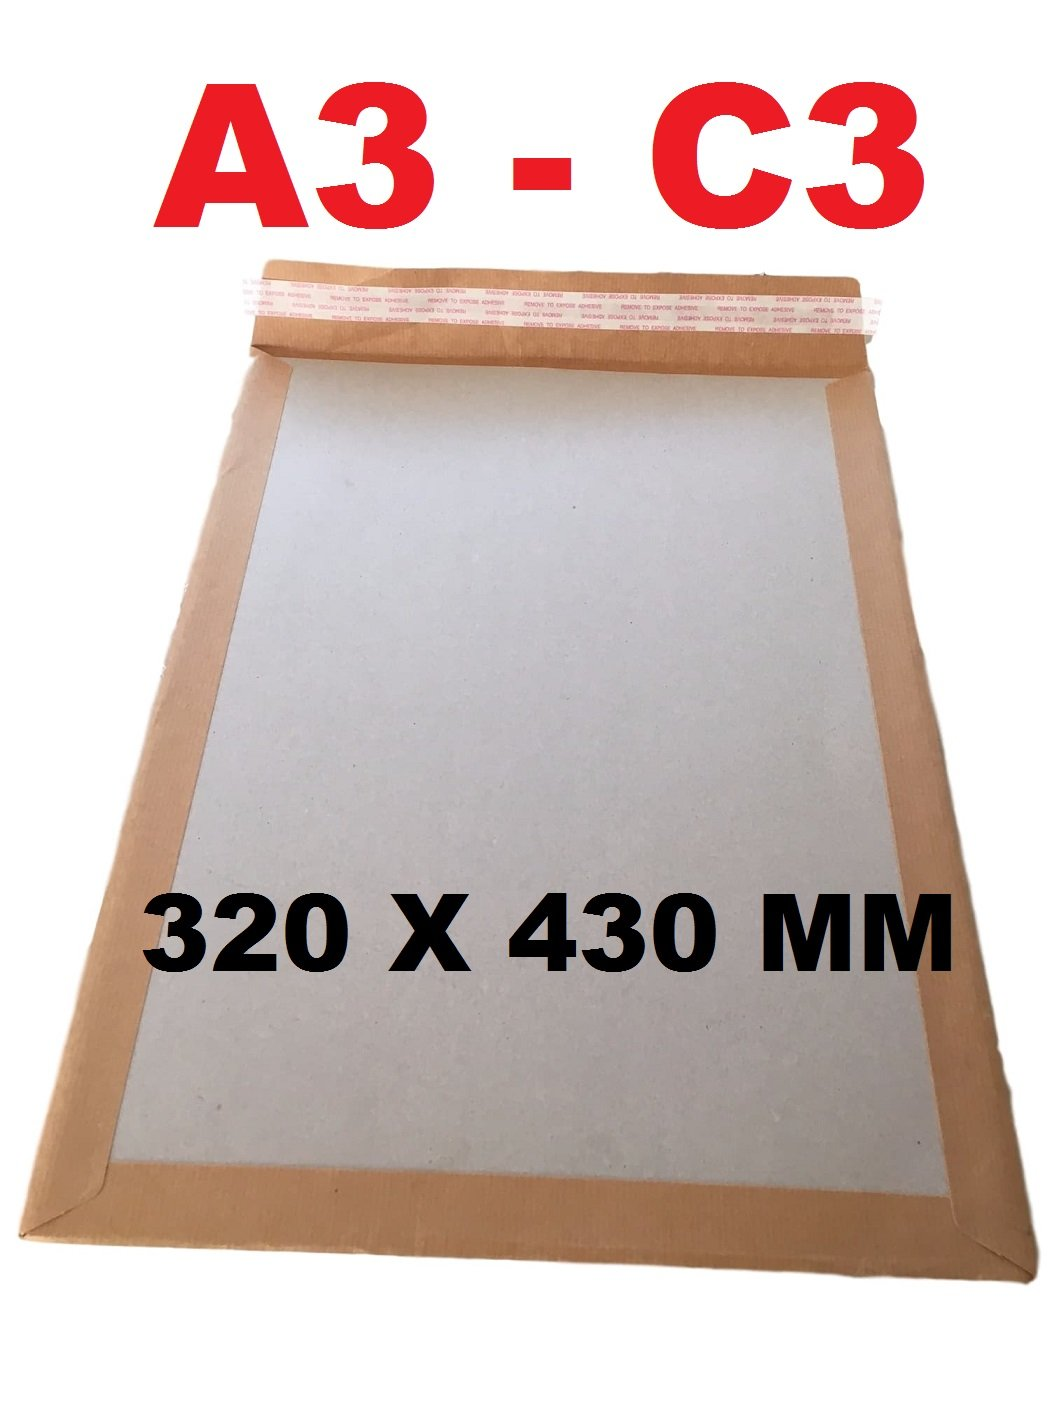 DIN A3, 309 x 447, hasta 30 mm de grosor, 25 unidades, cart/ón Sobre de env/ío, progressPACK V04.07 color marr/ón